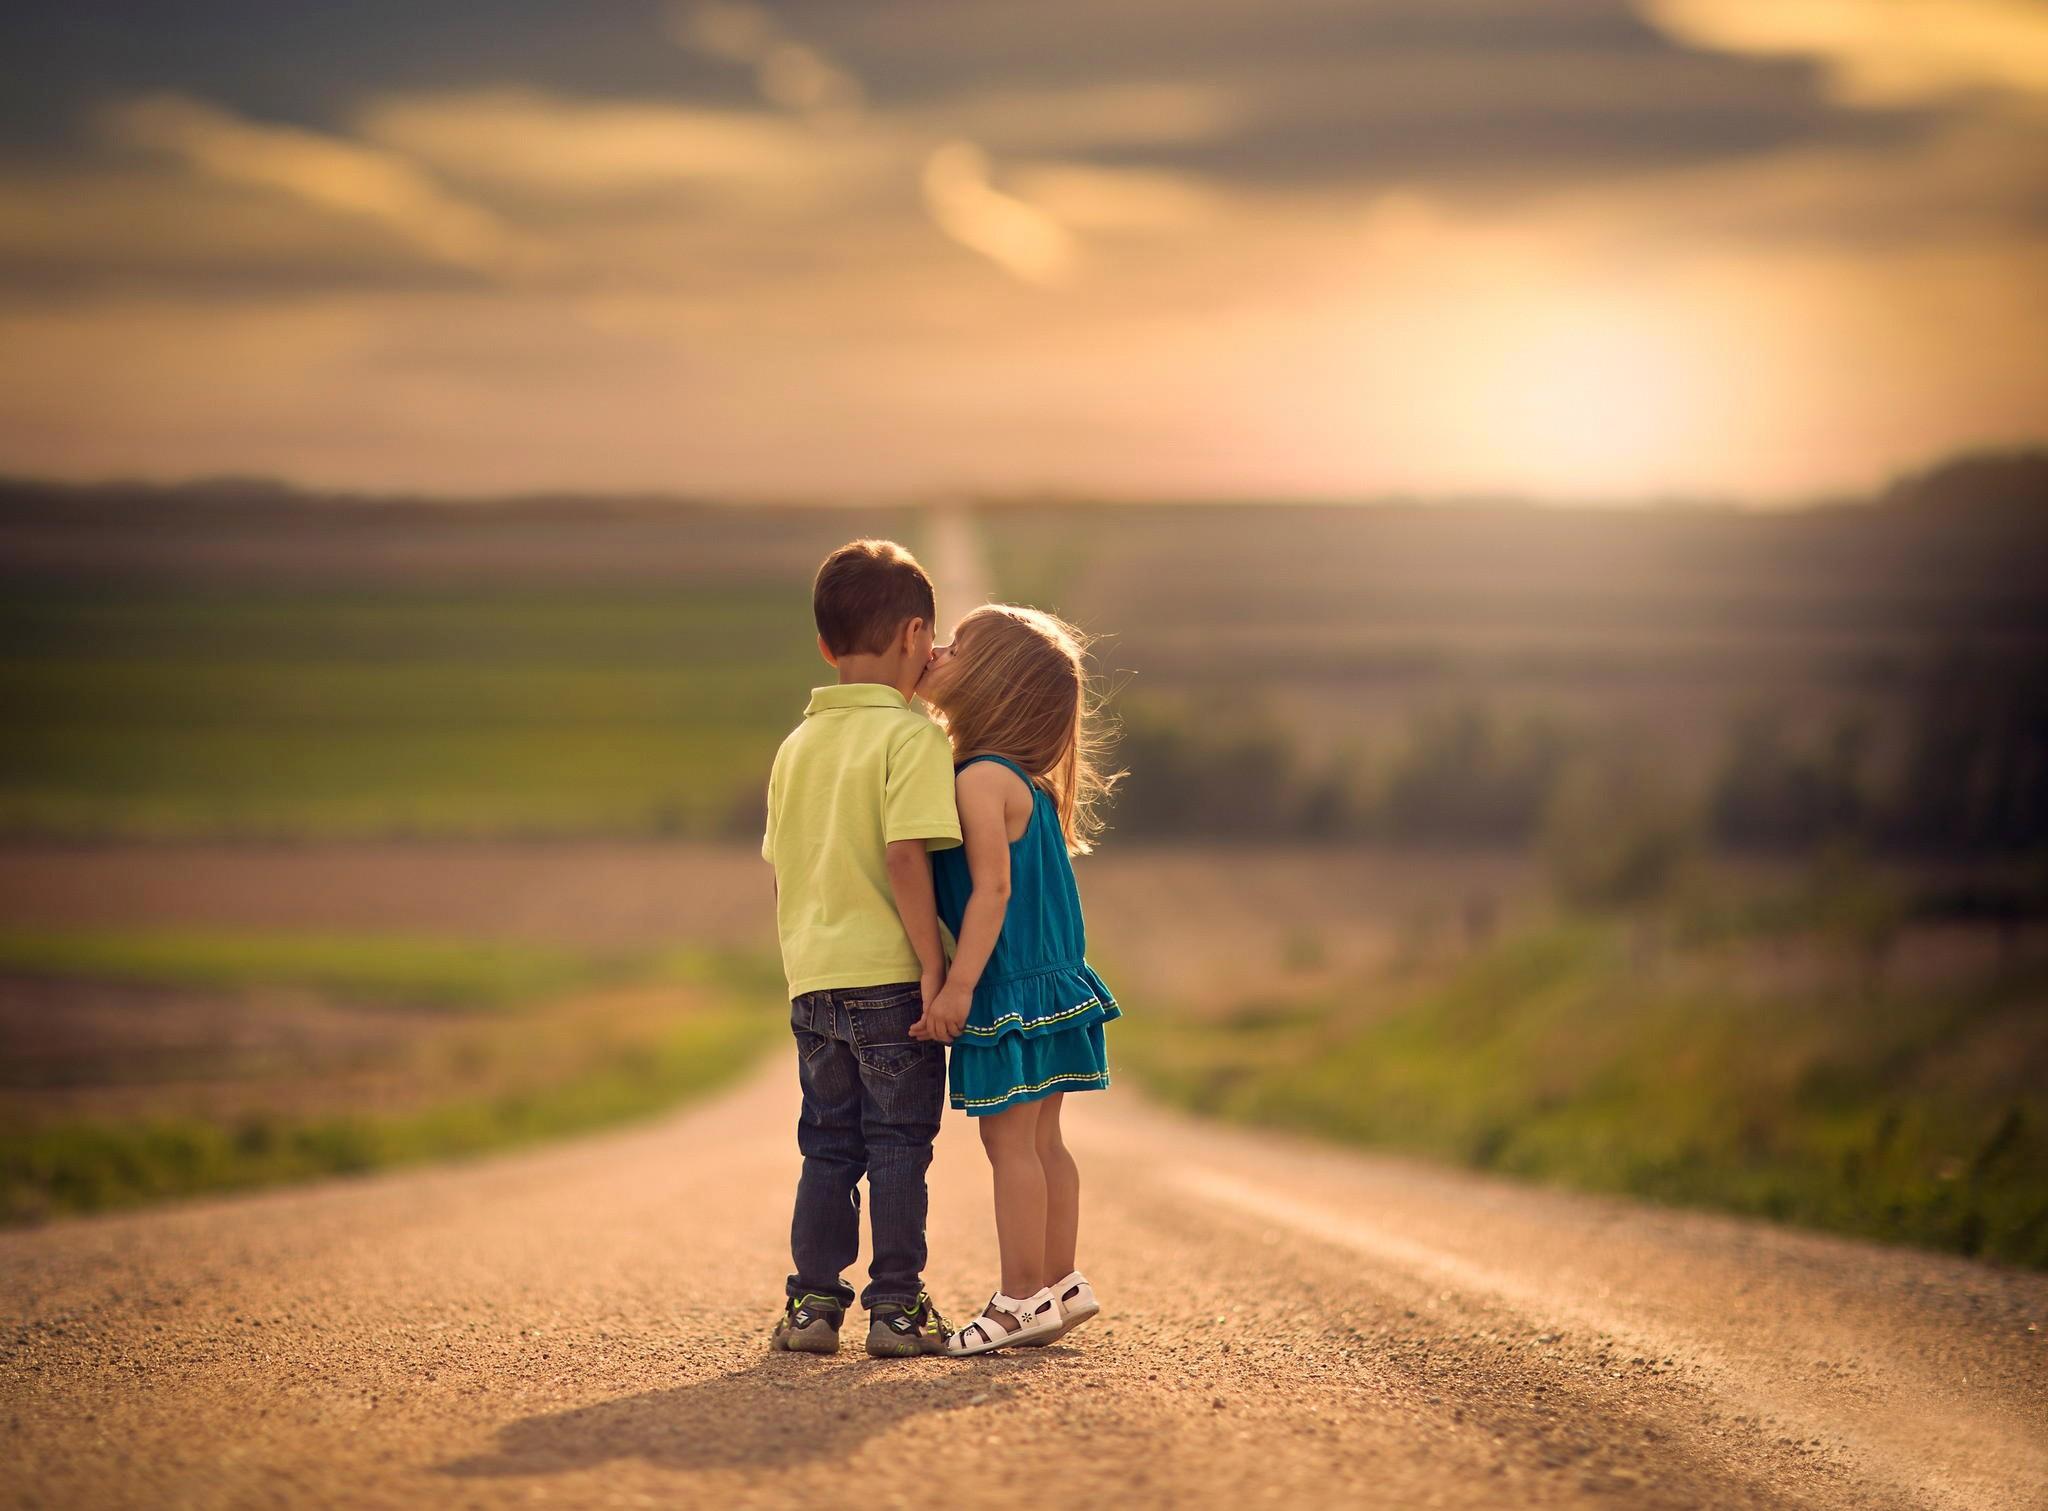 Children Of Men Wallpaper: Wallpaper : Sunlight, Sunset, Children, Love, Road